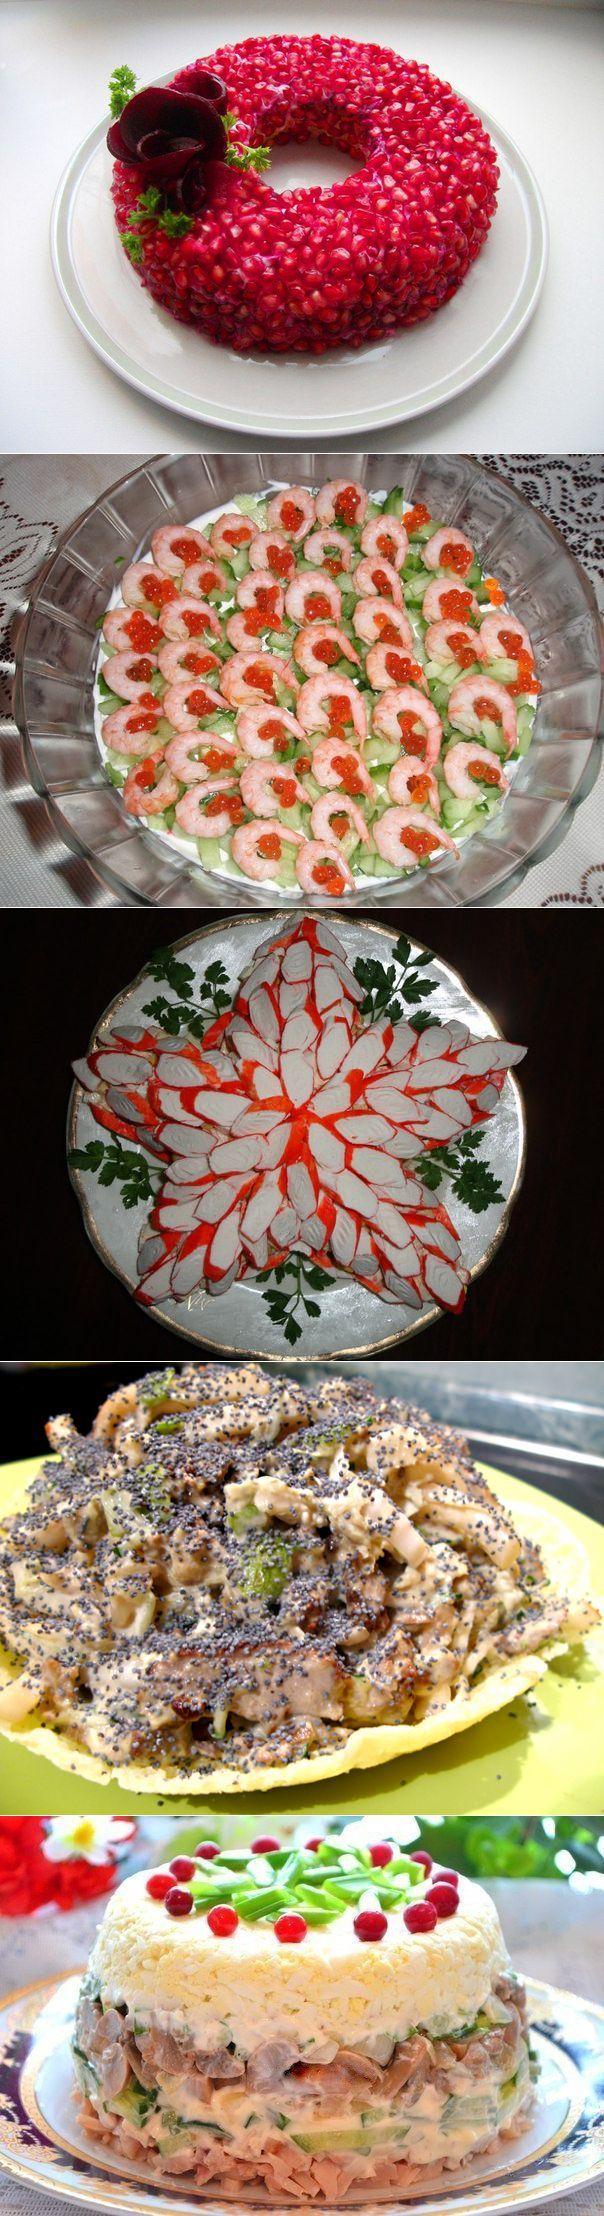 Салаты на День рождения и праздничный стол | ЖЕНСКИЙ МИР | праздничный стол | Постила